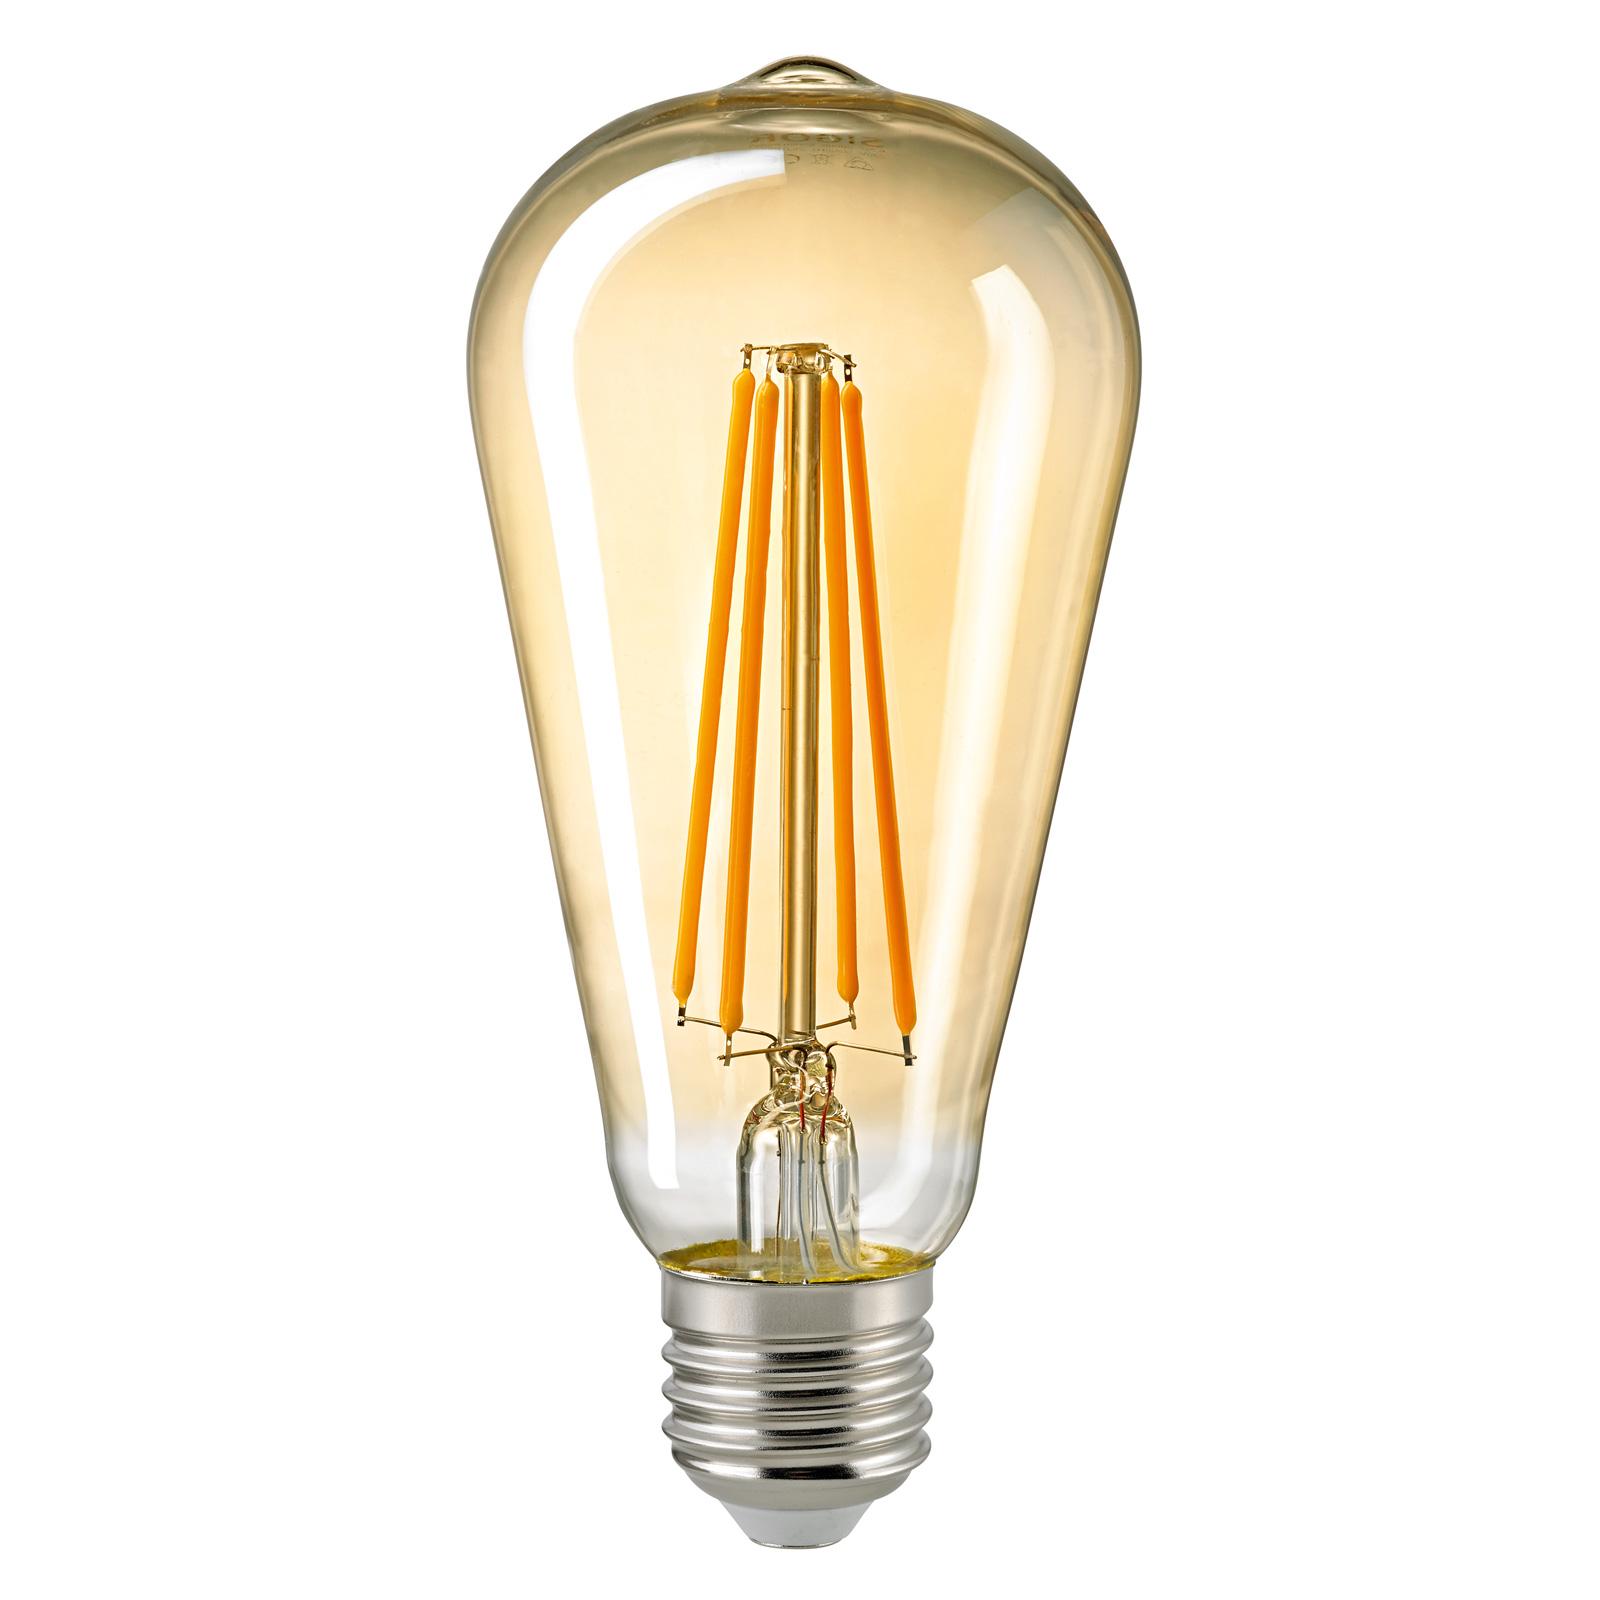 LED-pære E27 ST64 4,5 W filament Rustika gull